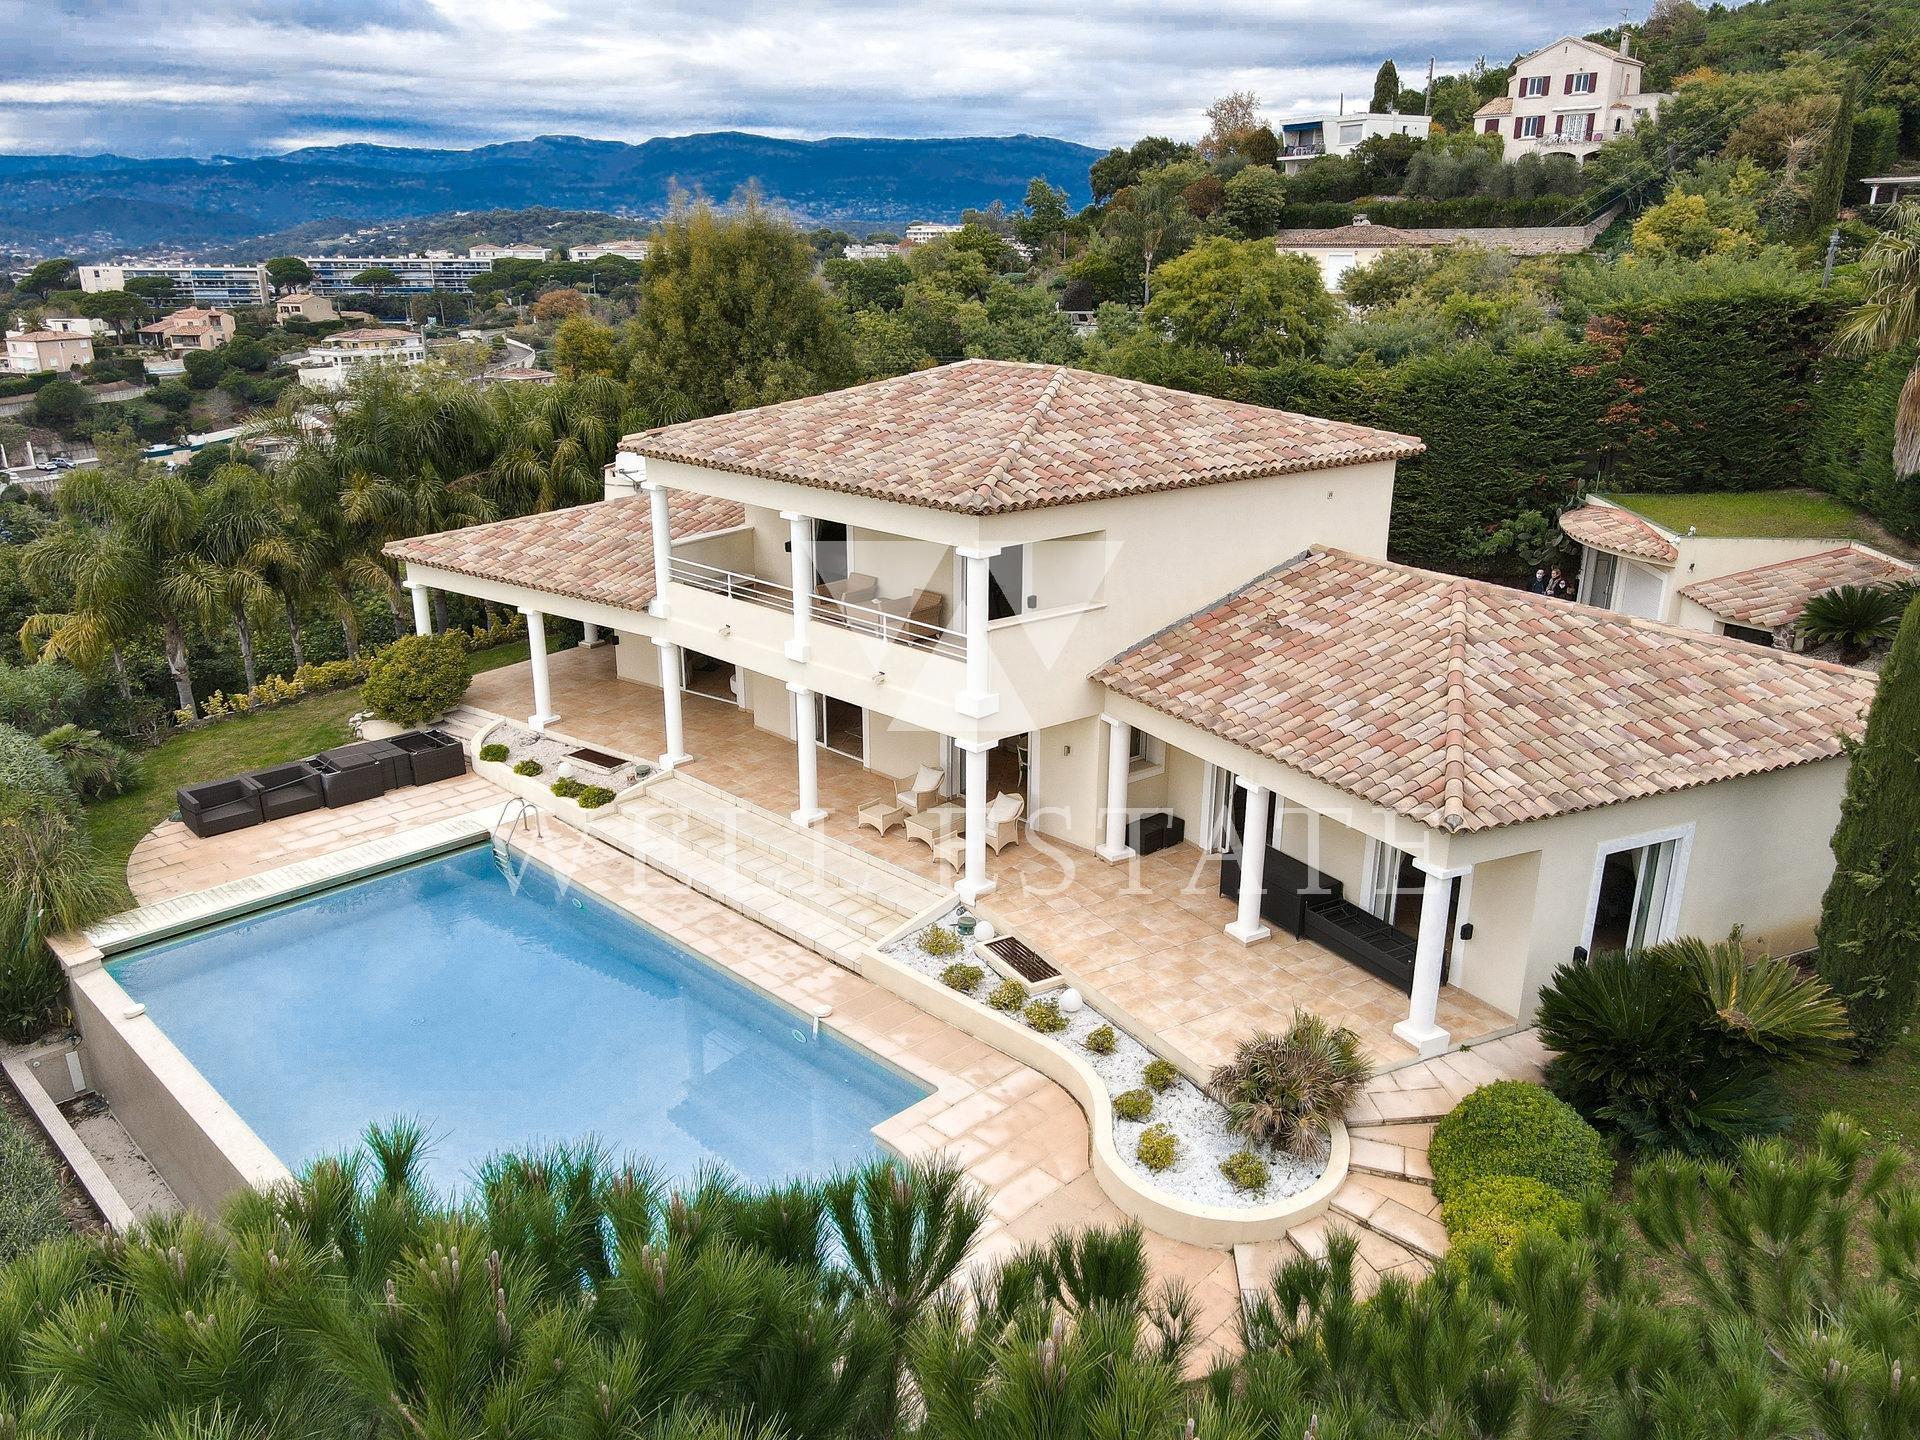 Канна вилла в нео провансальском стиле 270м2  после ремонта с бассейной и видом на море